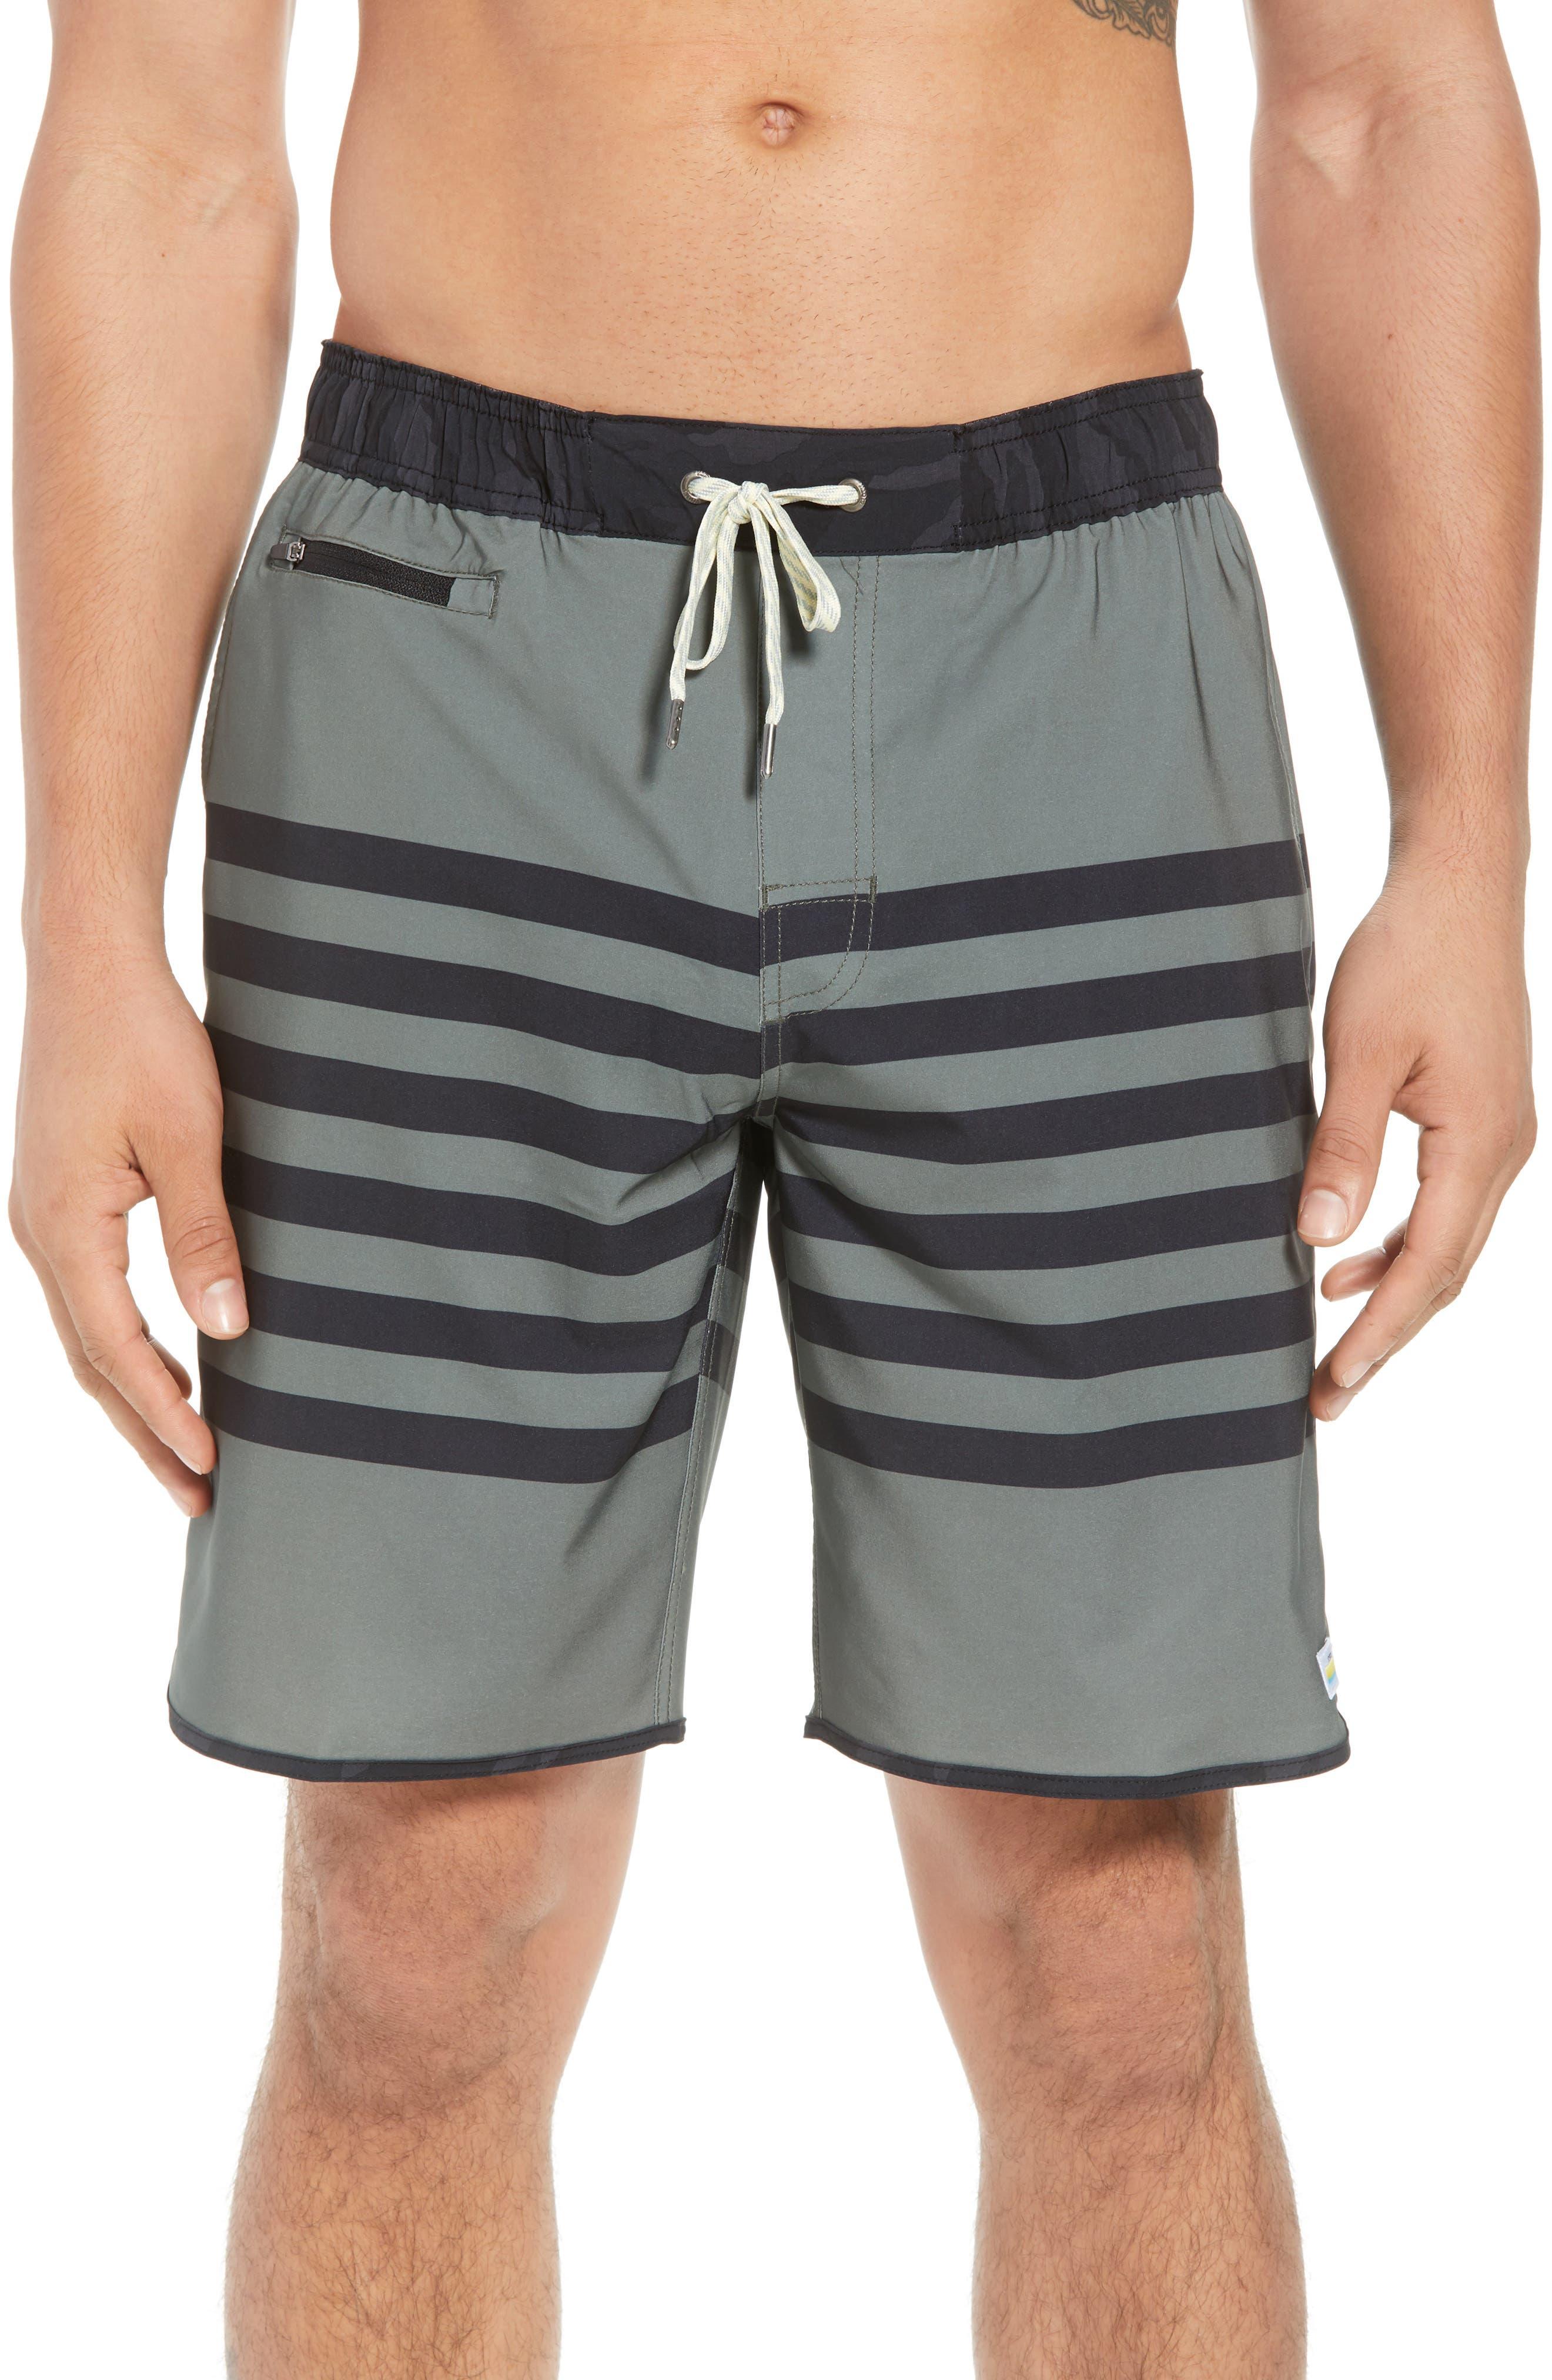 Banks Shorts,                             Main thumbnail 1, color,                             Army Stripe